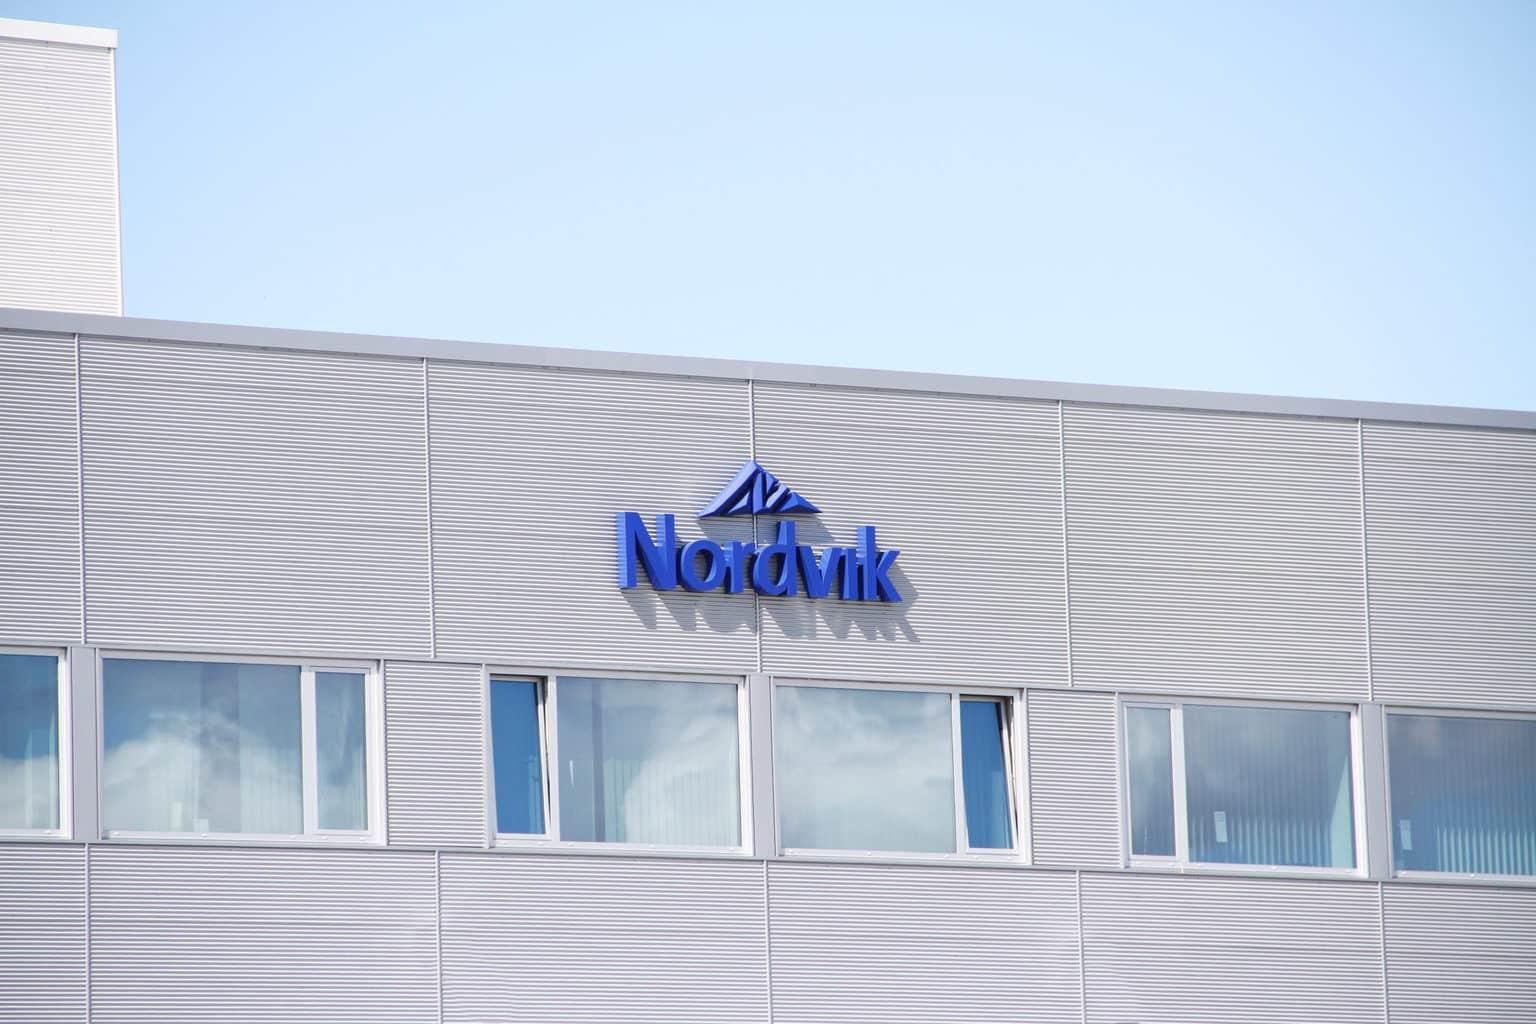 Bilde av fasaden til administrasjonsbygget til Nordvik Gruppen på Stormyra i Bodø